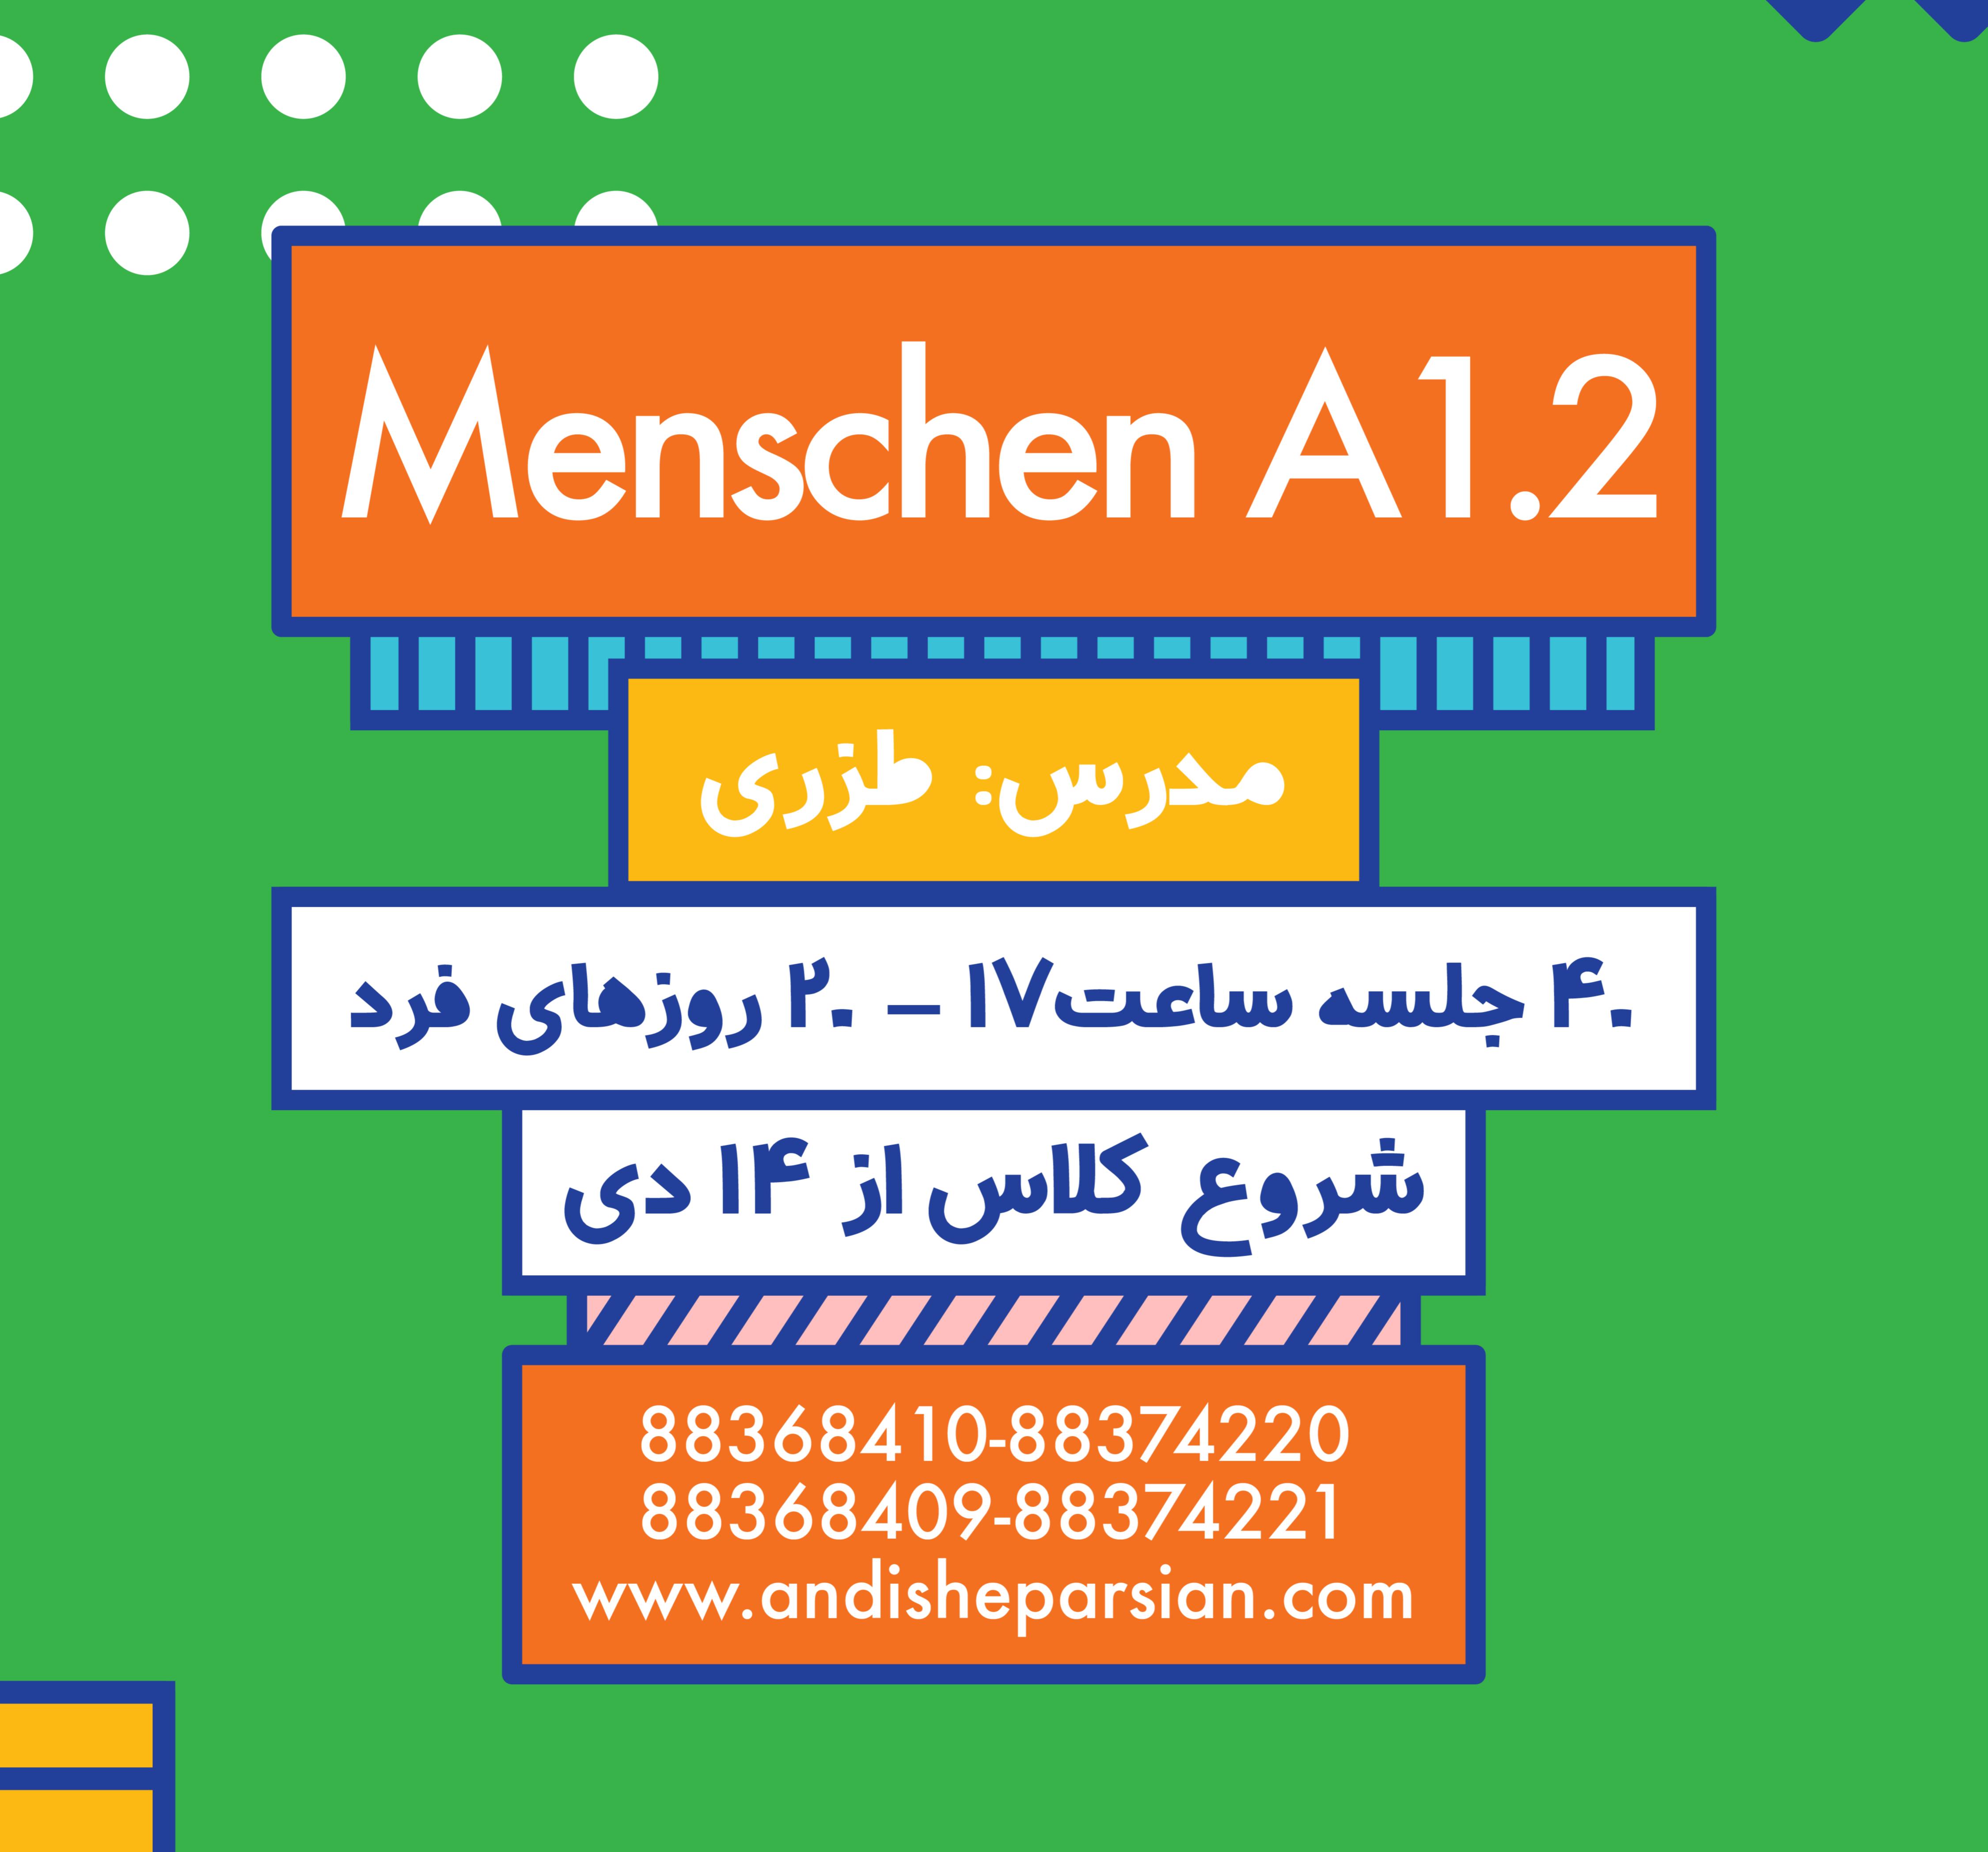 شروع کلاس آموزش زبان آلمانی سطح A1.2 از ۱۴ دی ۱۳۹۹